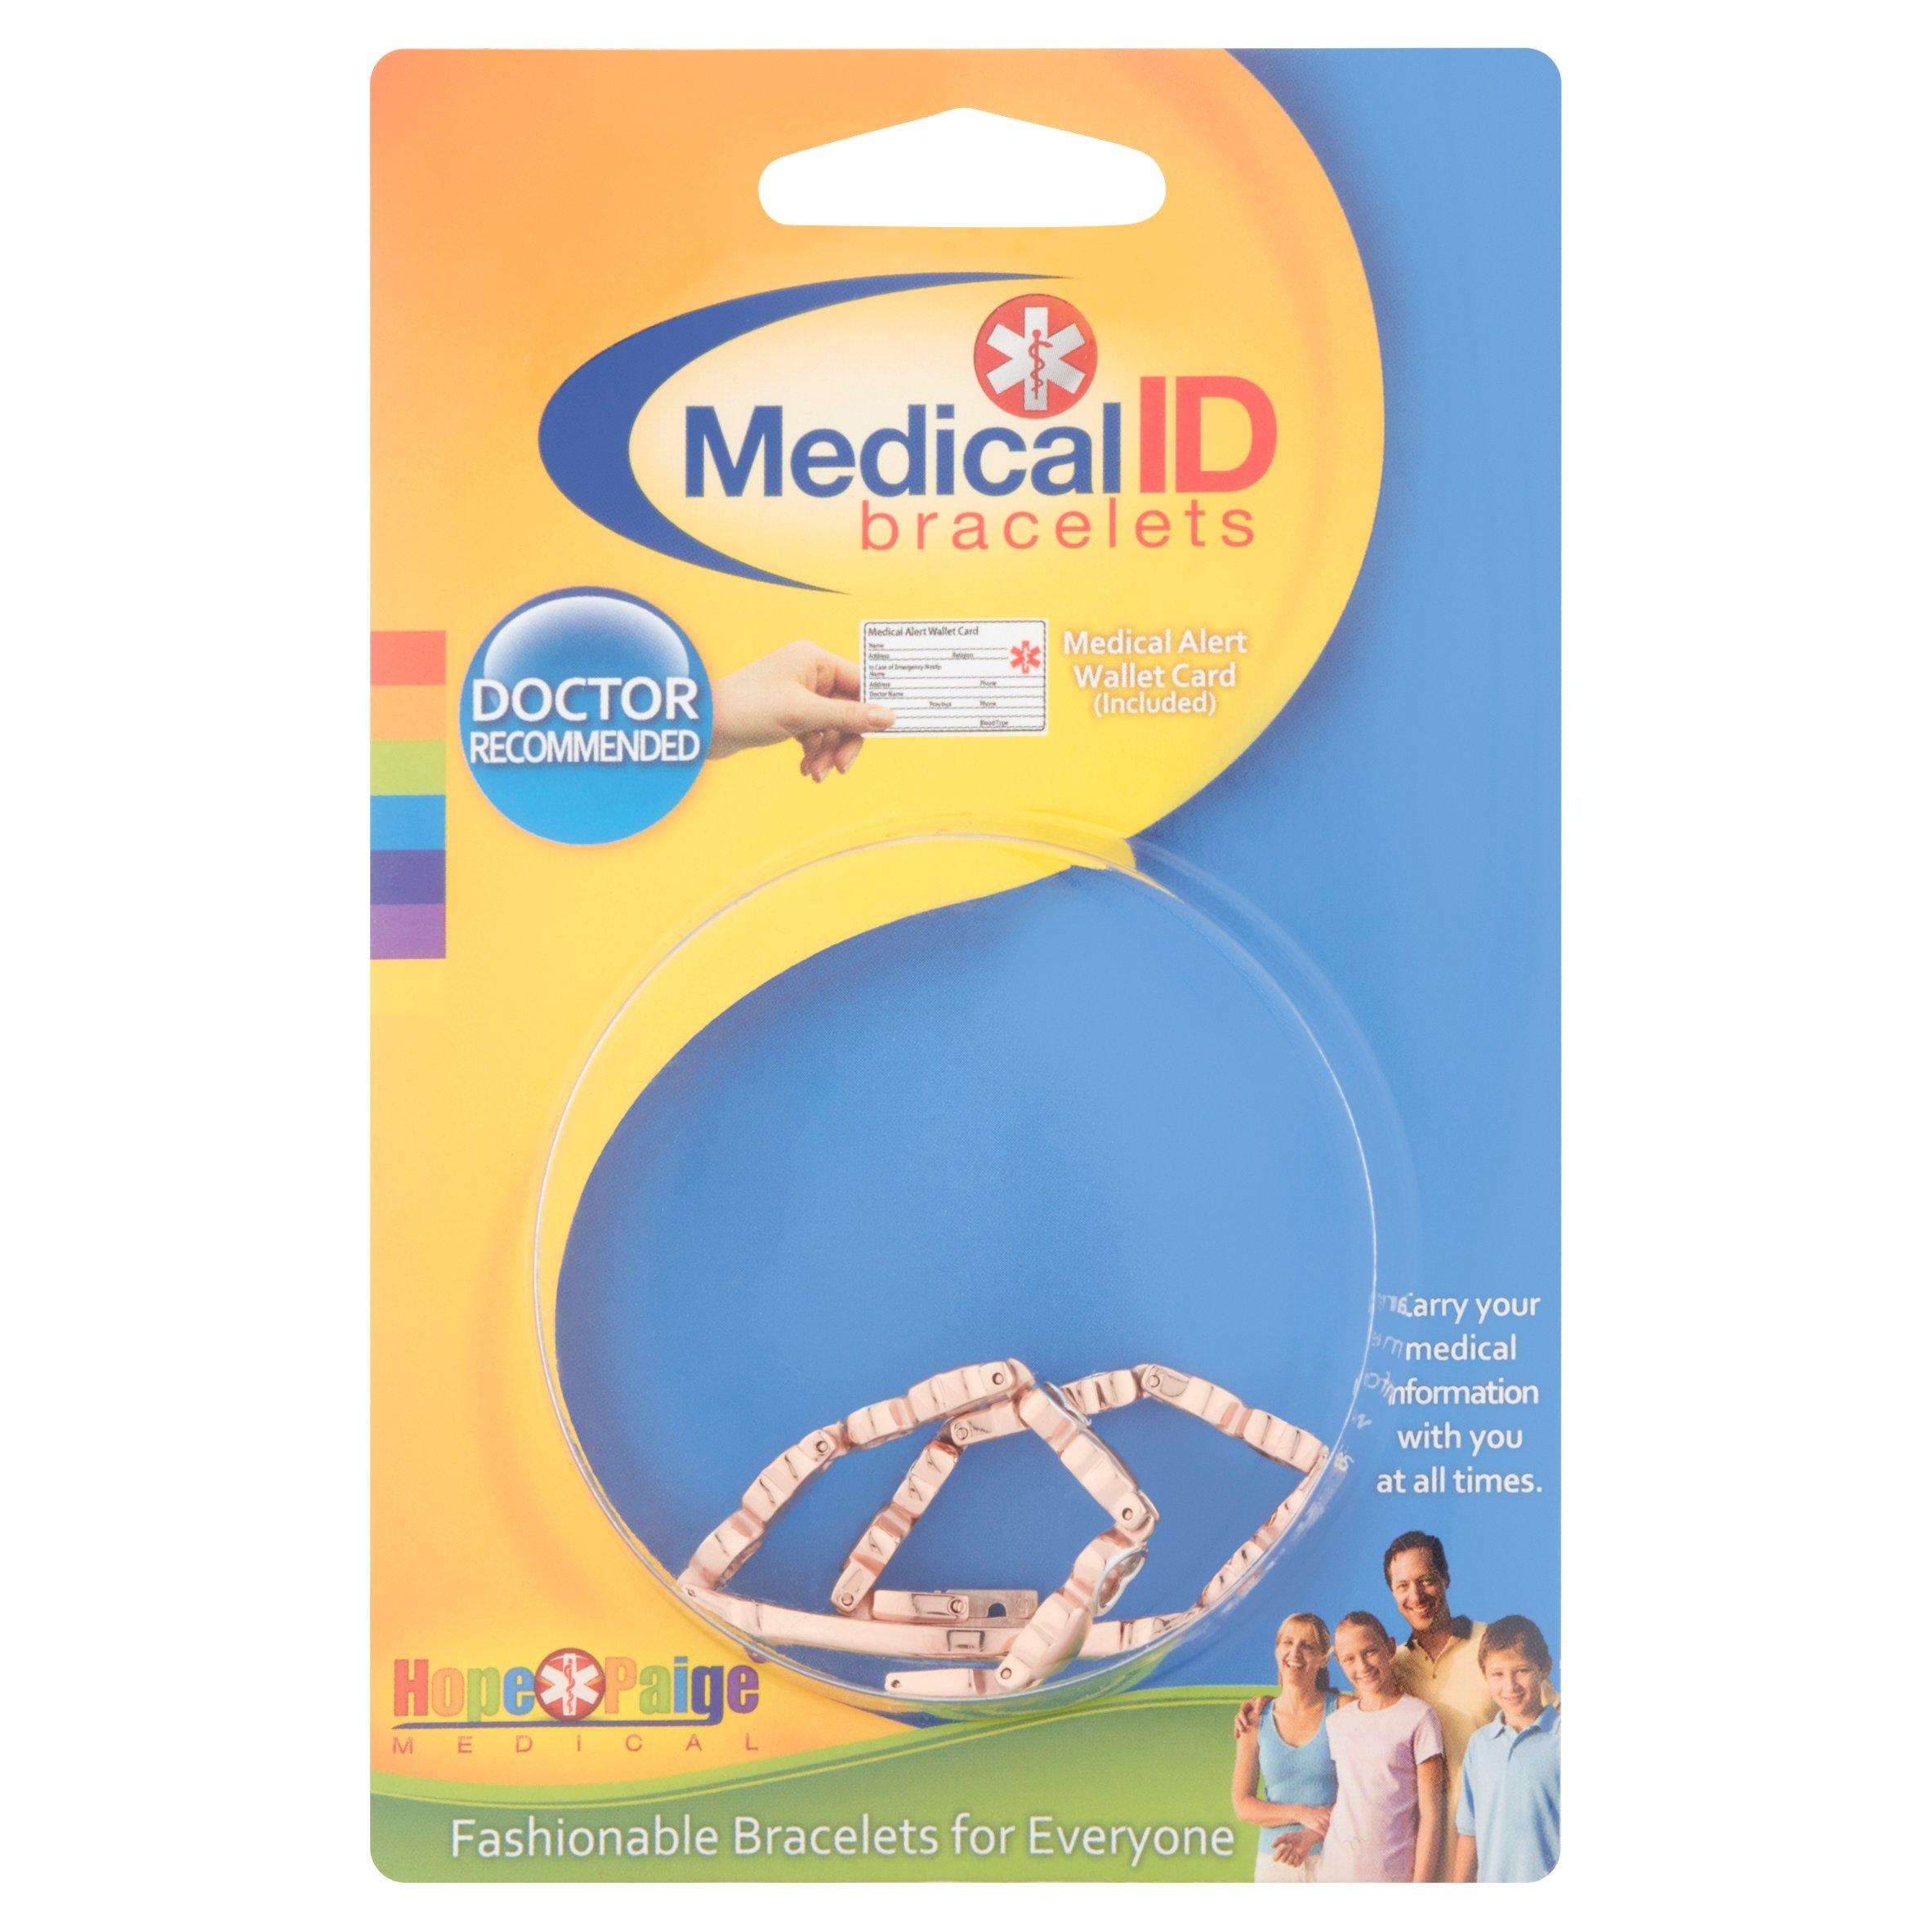 Hope Paige Medical Rose Color Medical ID Bracelets